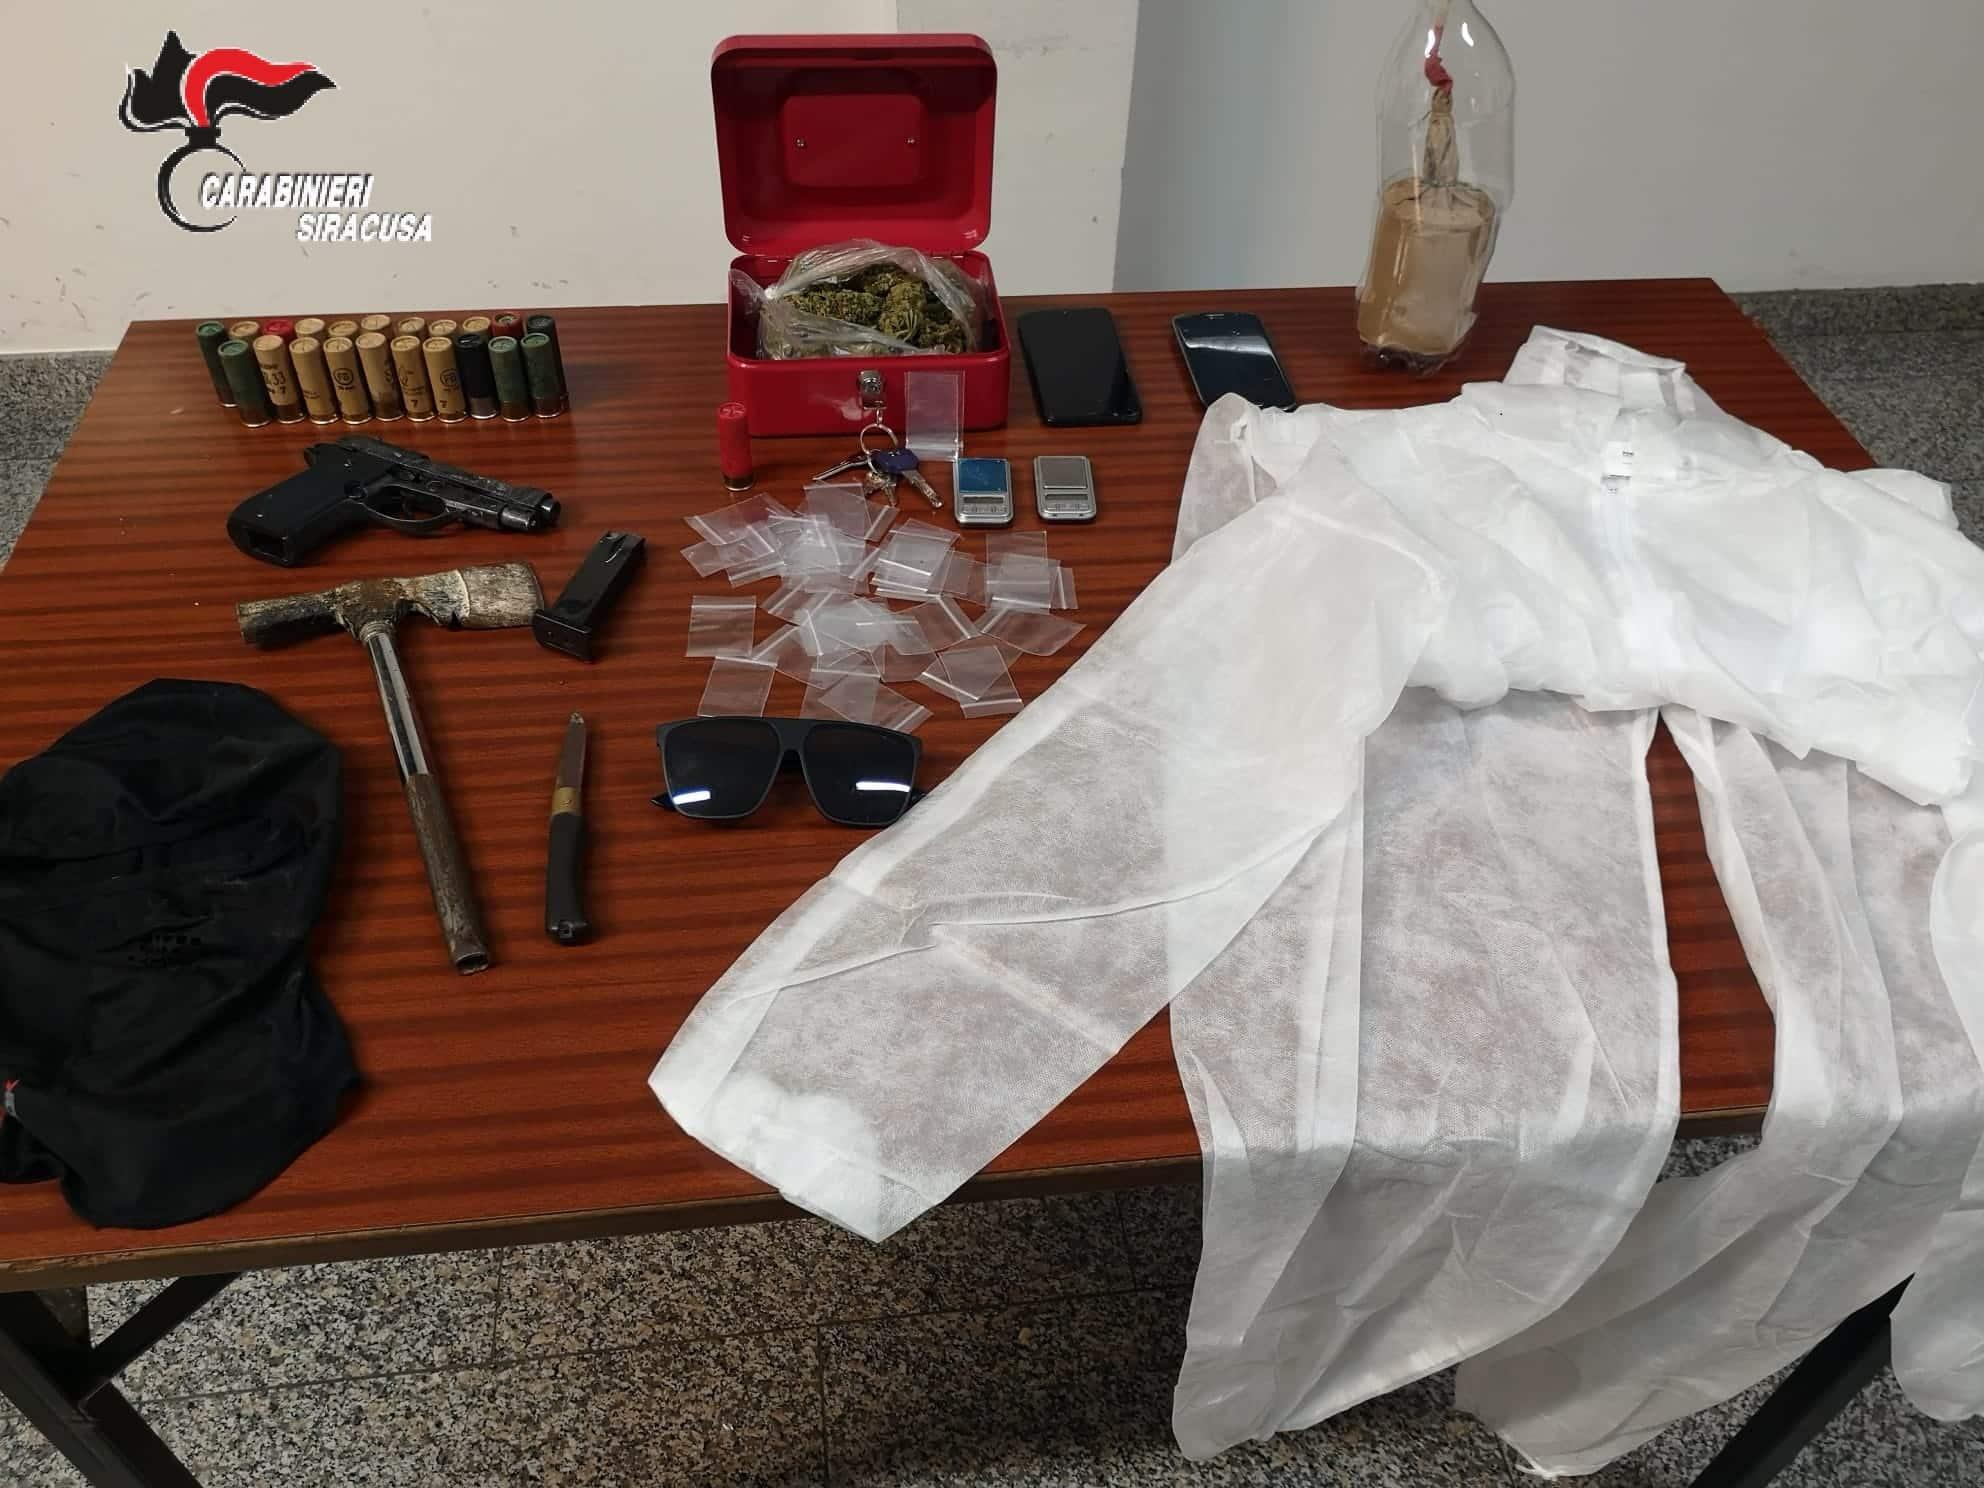 Inseguimento per le vie del centro, due giovanissimi in auto con materiale per rapine e droga